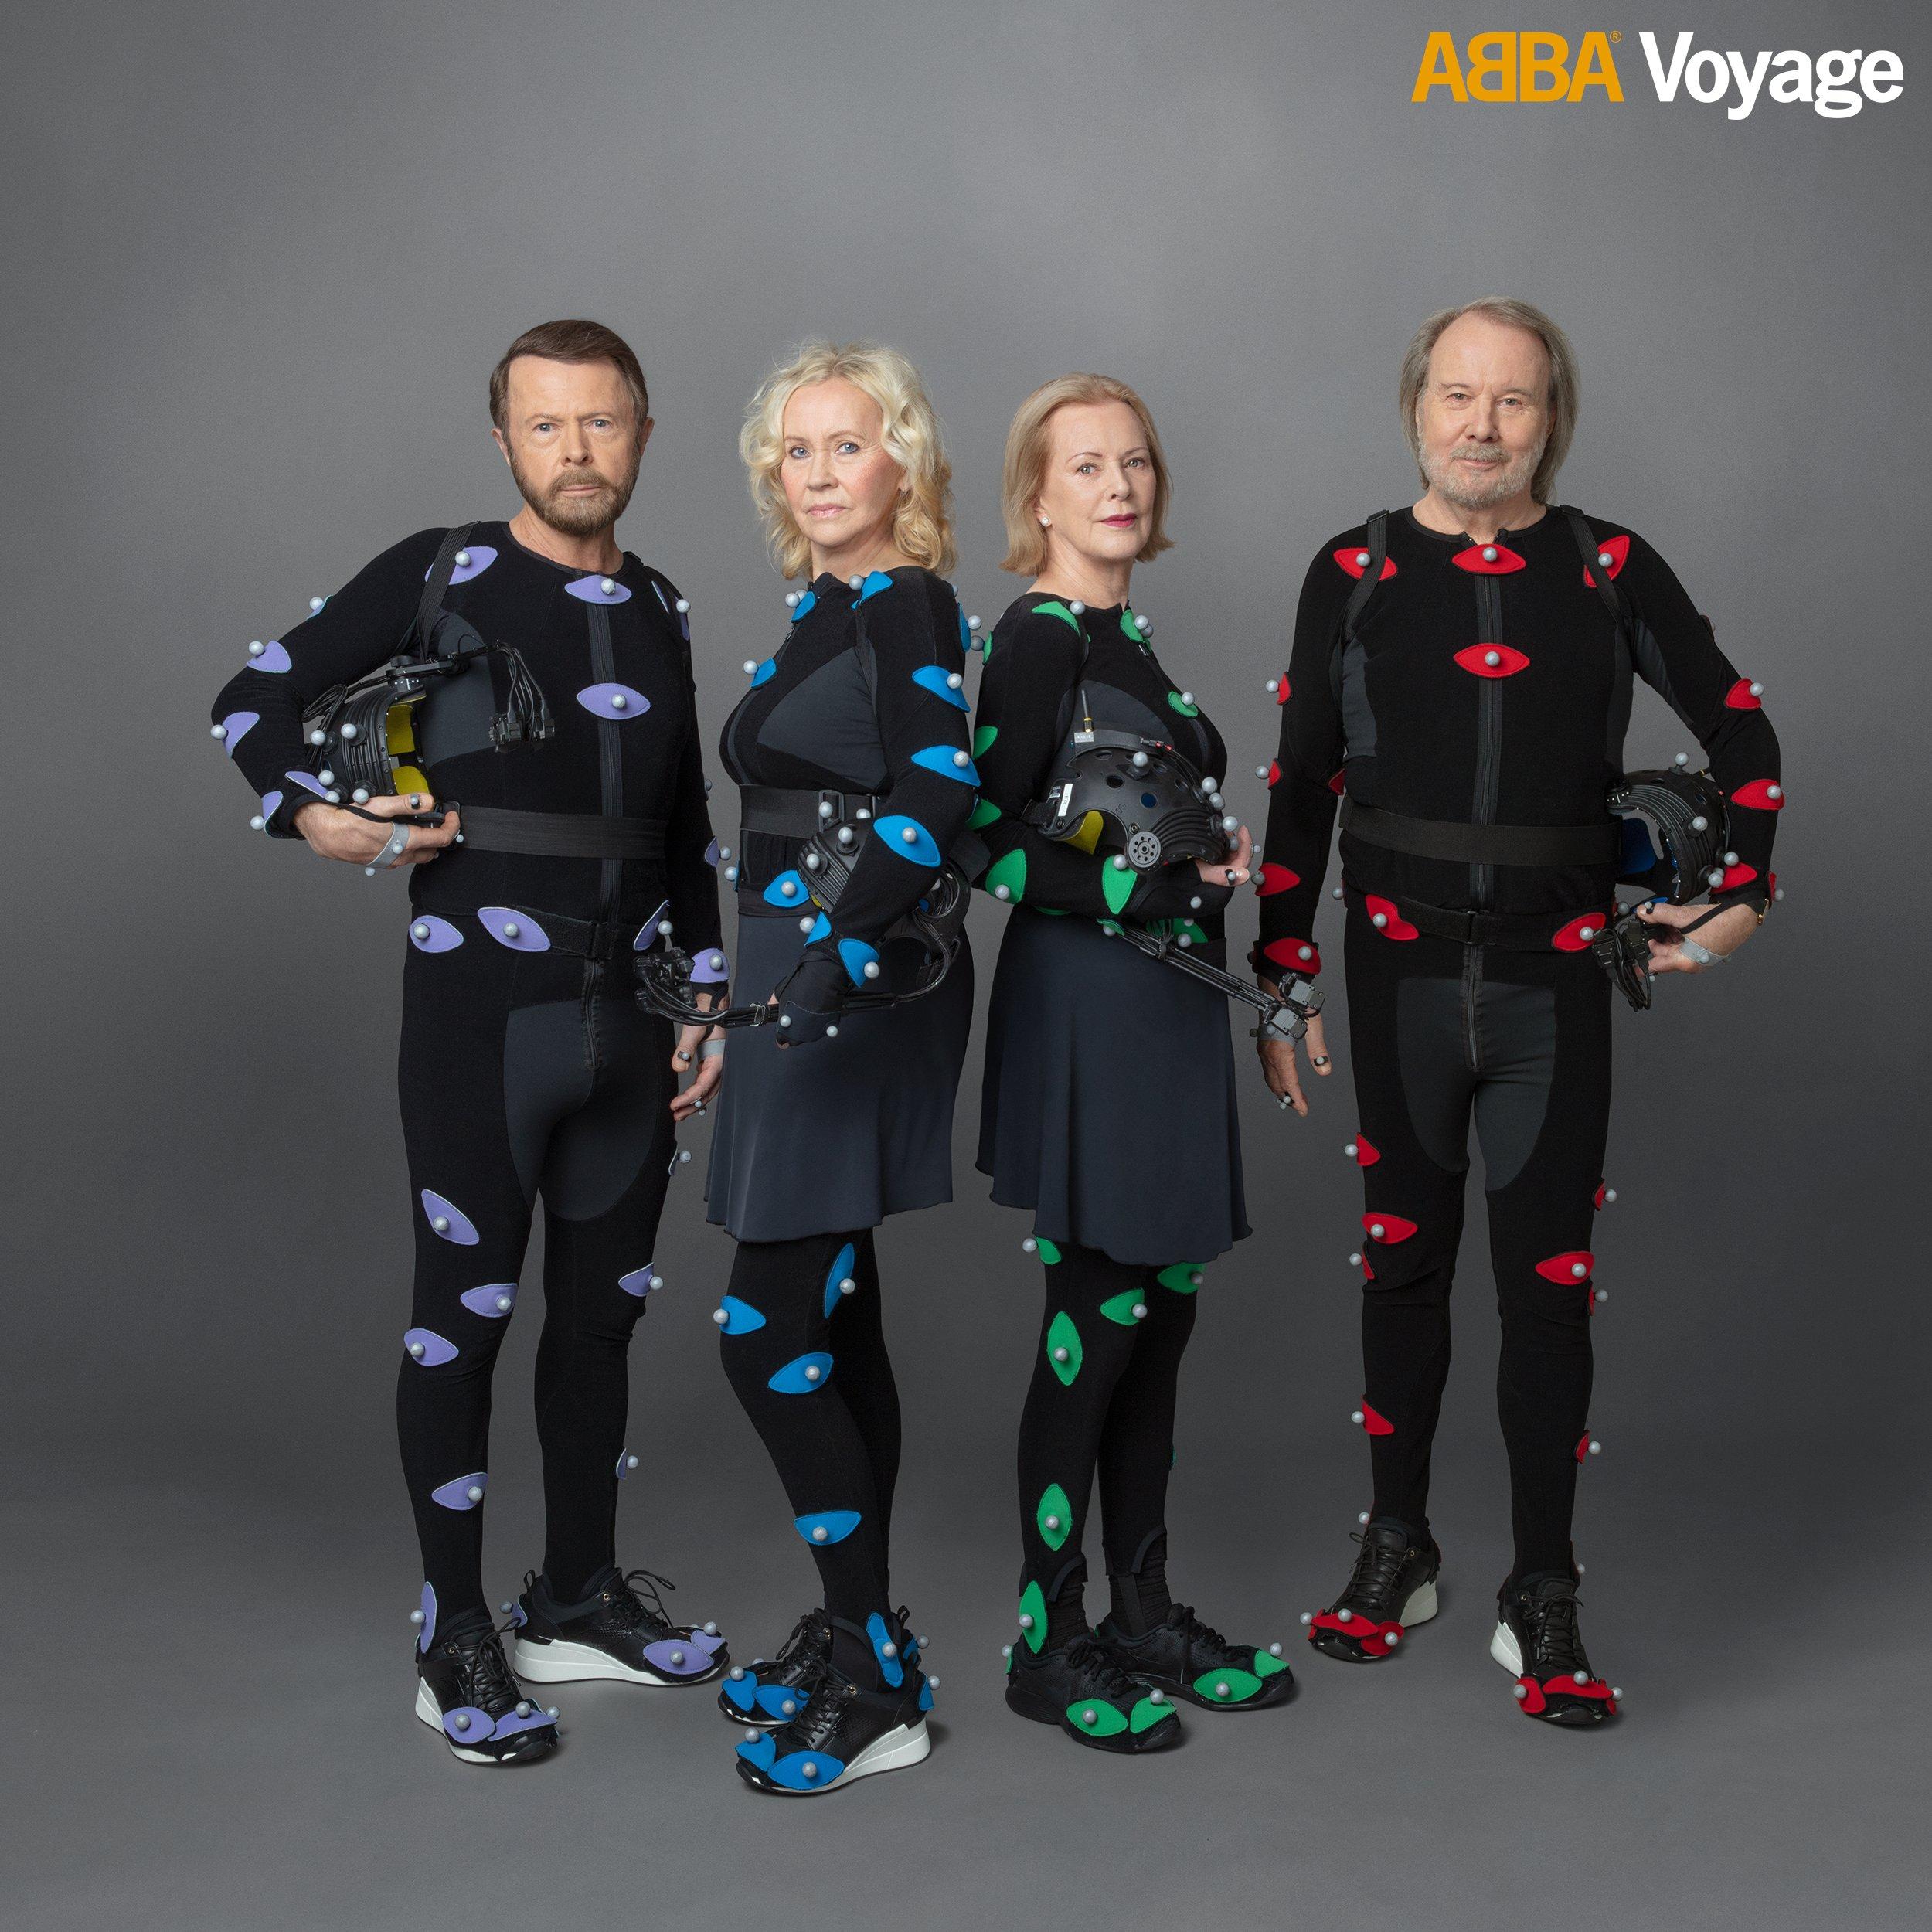 Após 39 anos, ABBA anuncia novo álbum de inéditas, 'Voyage'; ouça os singles